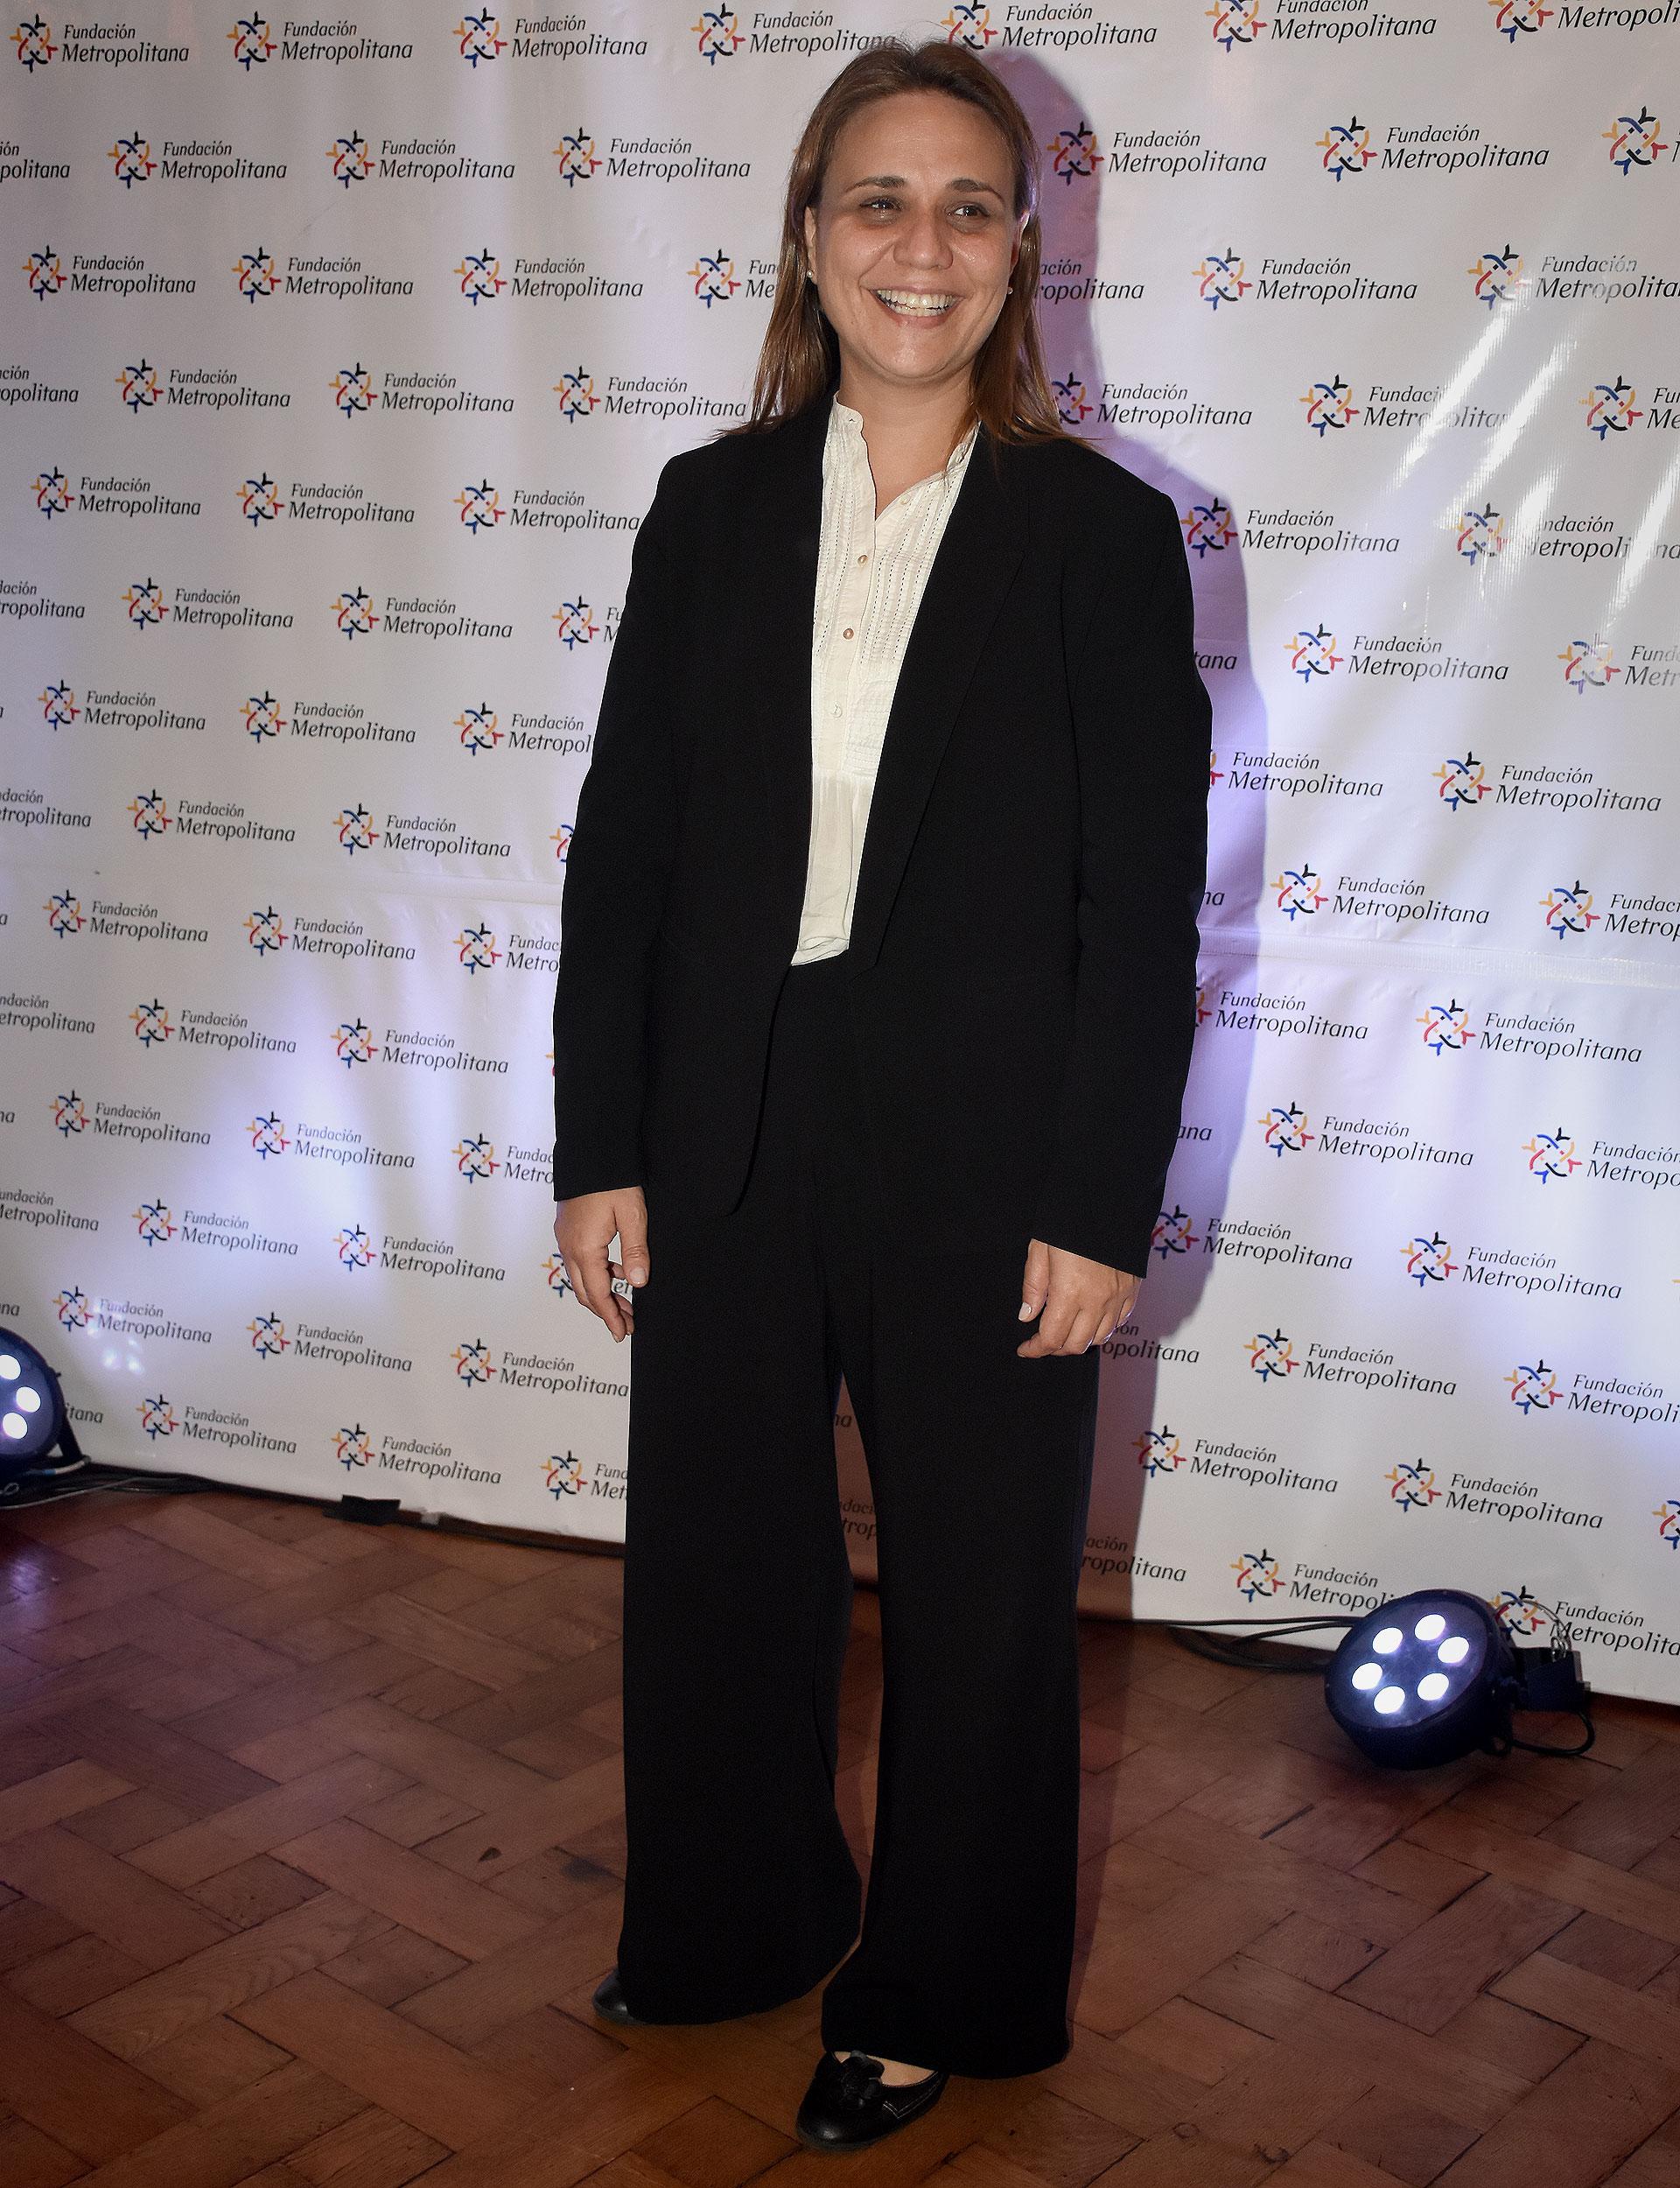 Gabriela Agosto, secretaria ejecutiva del Consejo Nacional de Coordinación de Políticas Sociales de la Presidencia de la Nación